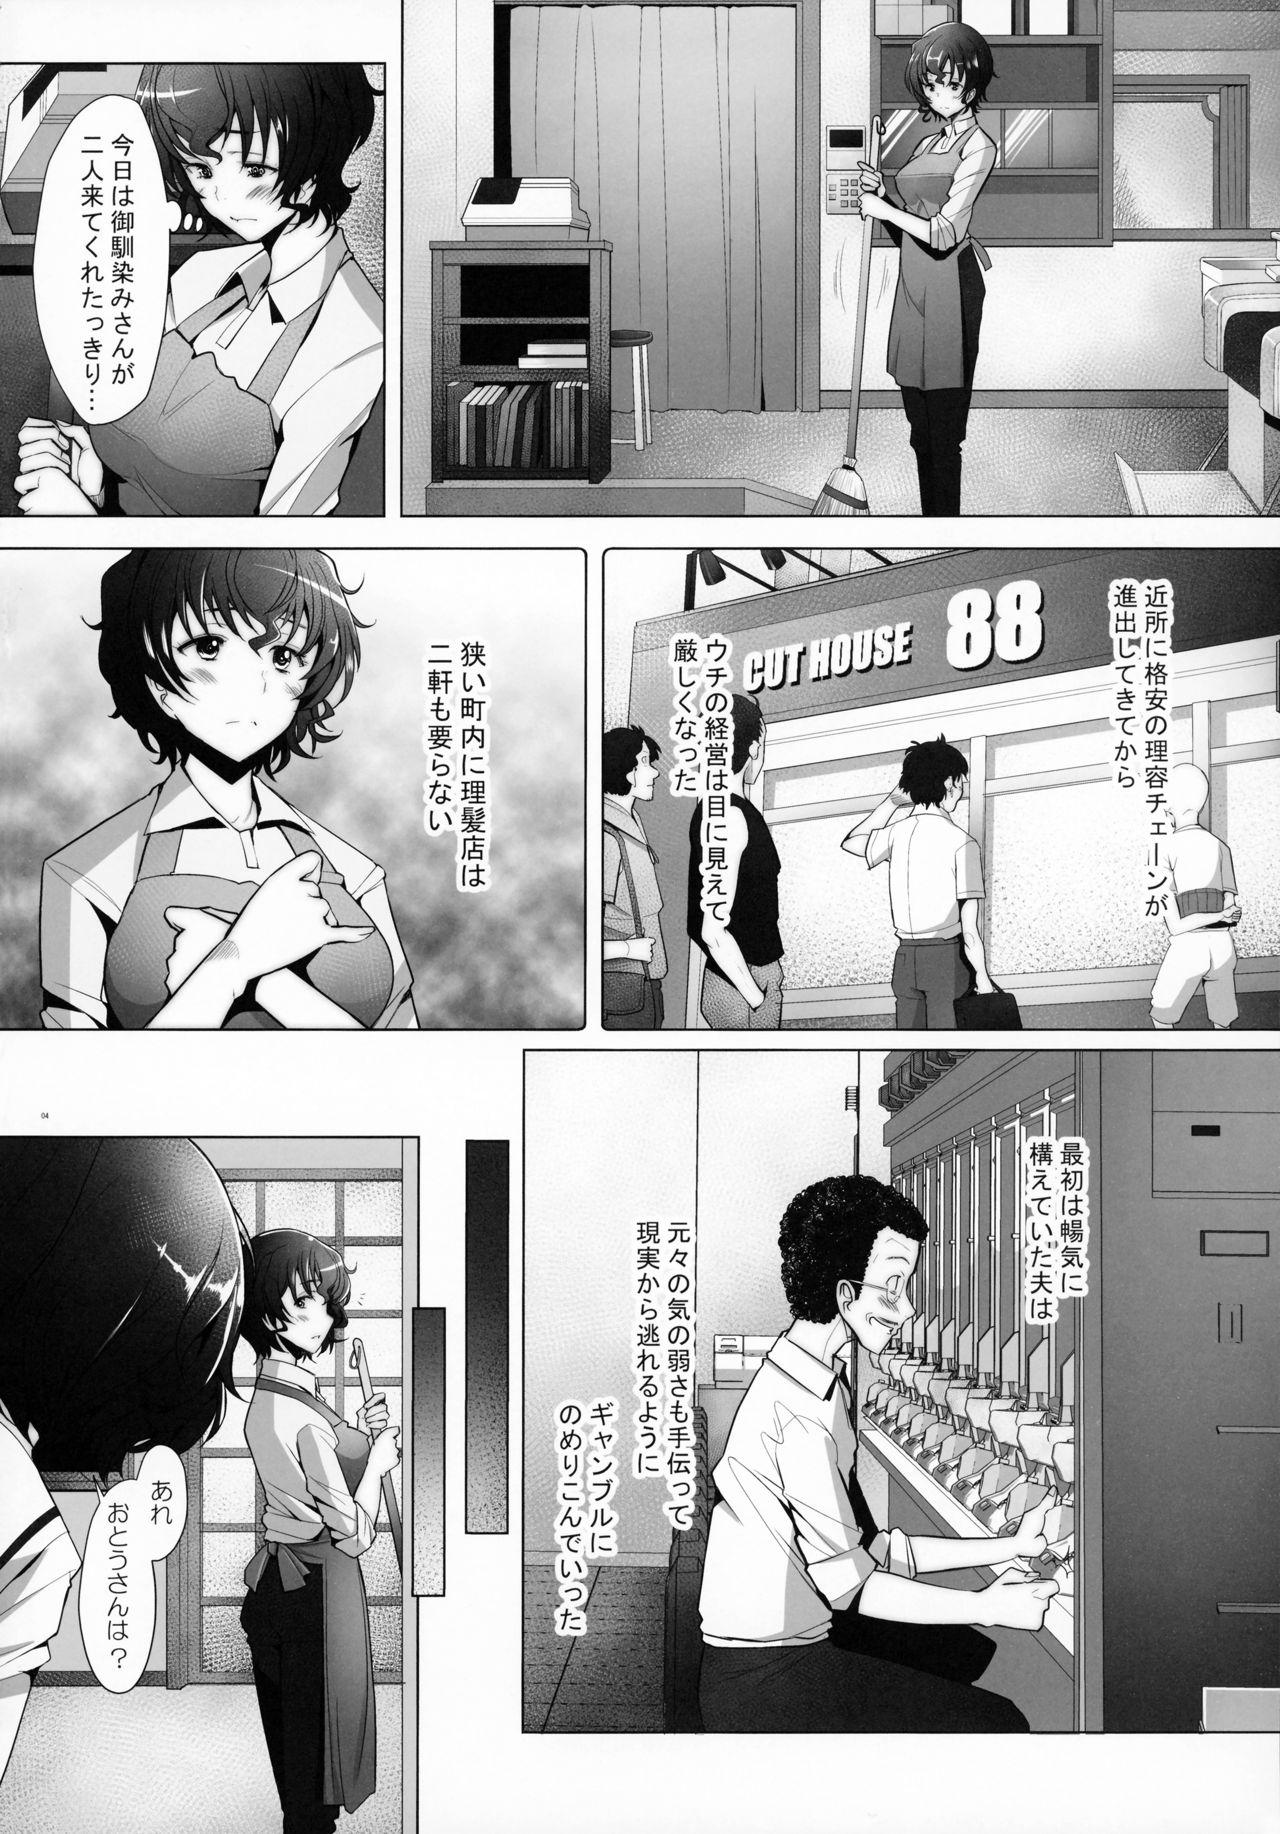 Rihatsuten no Bijin Hitozuma ga Wakeari de Soapland ni Tsutomeru Koto ni Narimashita Hatsushukkin Hen 2